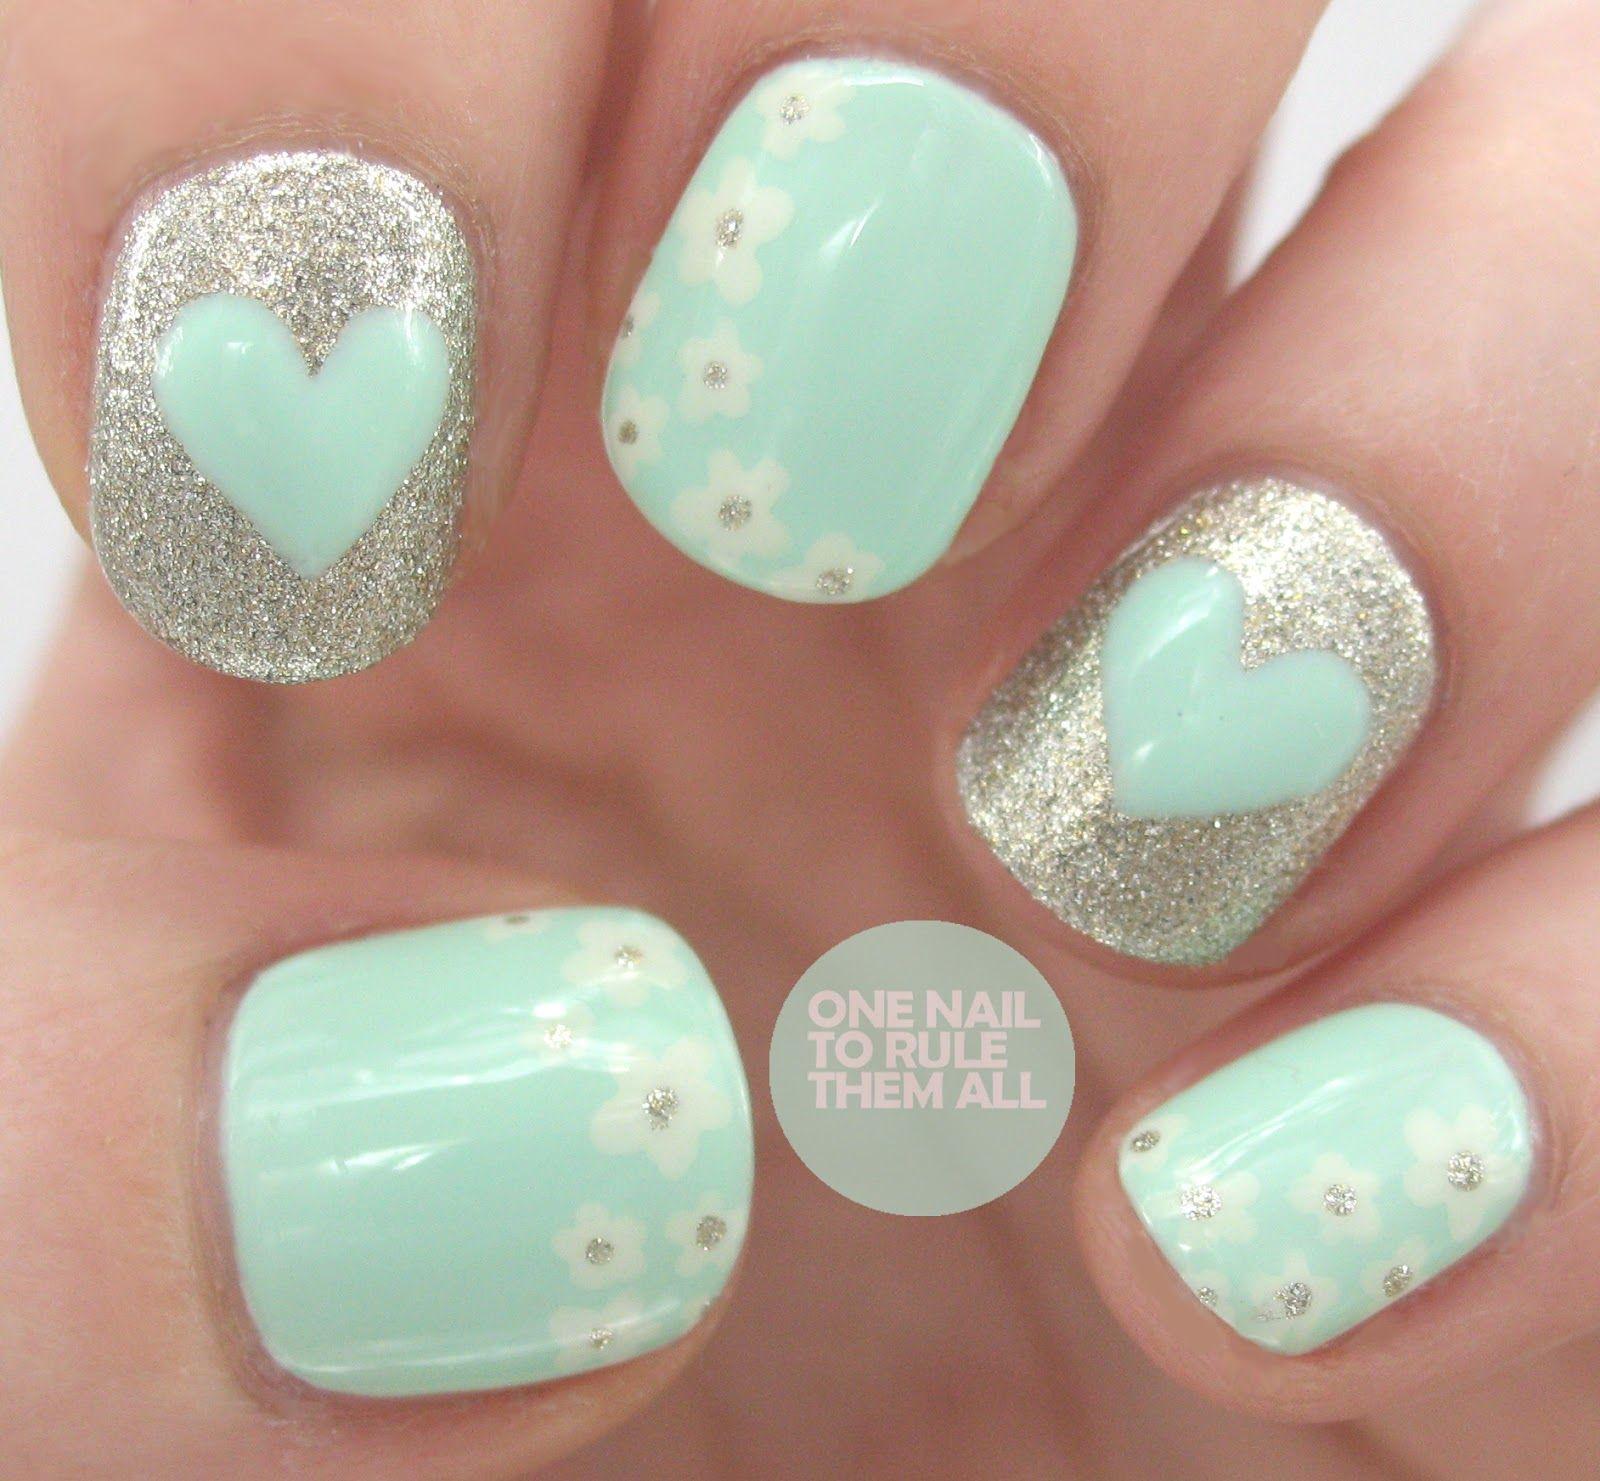 Heart nails | Manicure | Pinterest | Menta, Manicuras y Diseños de uñas